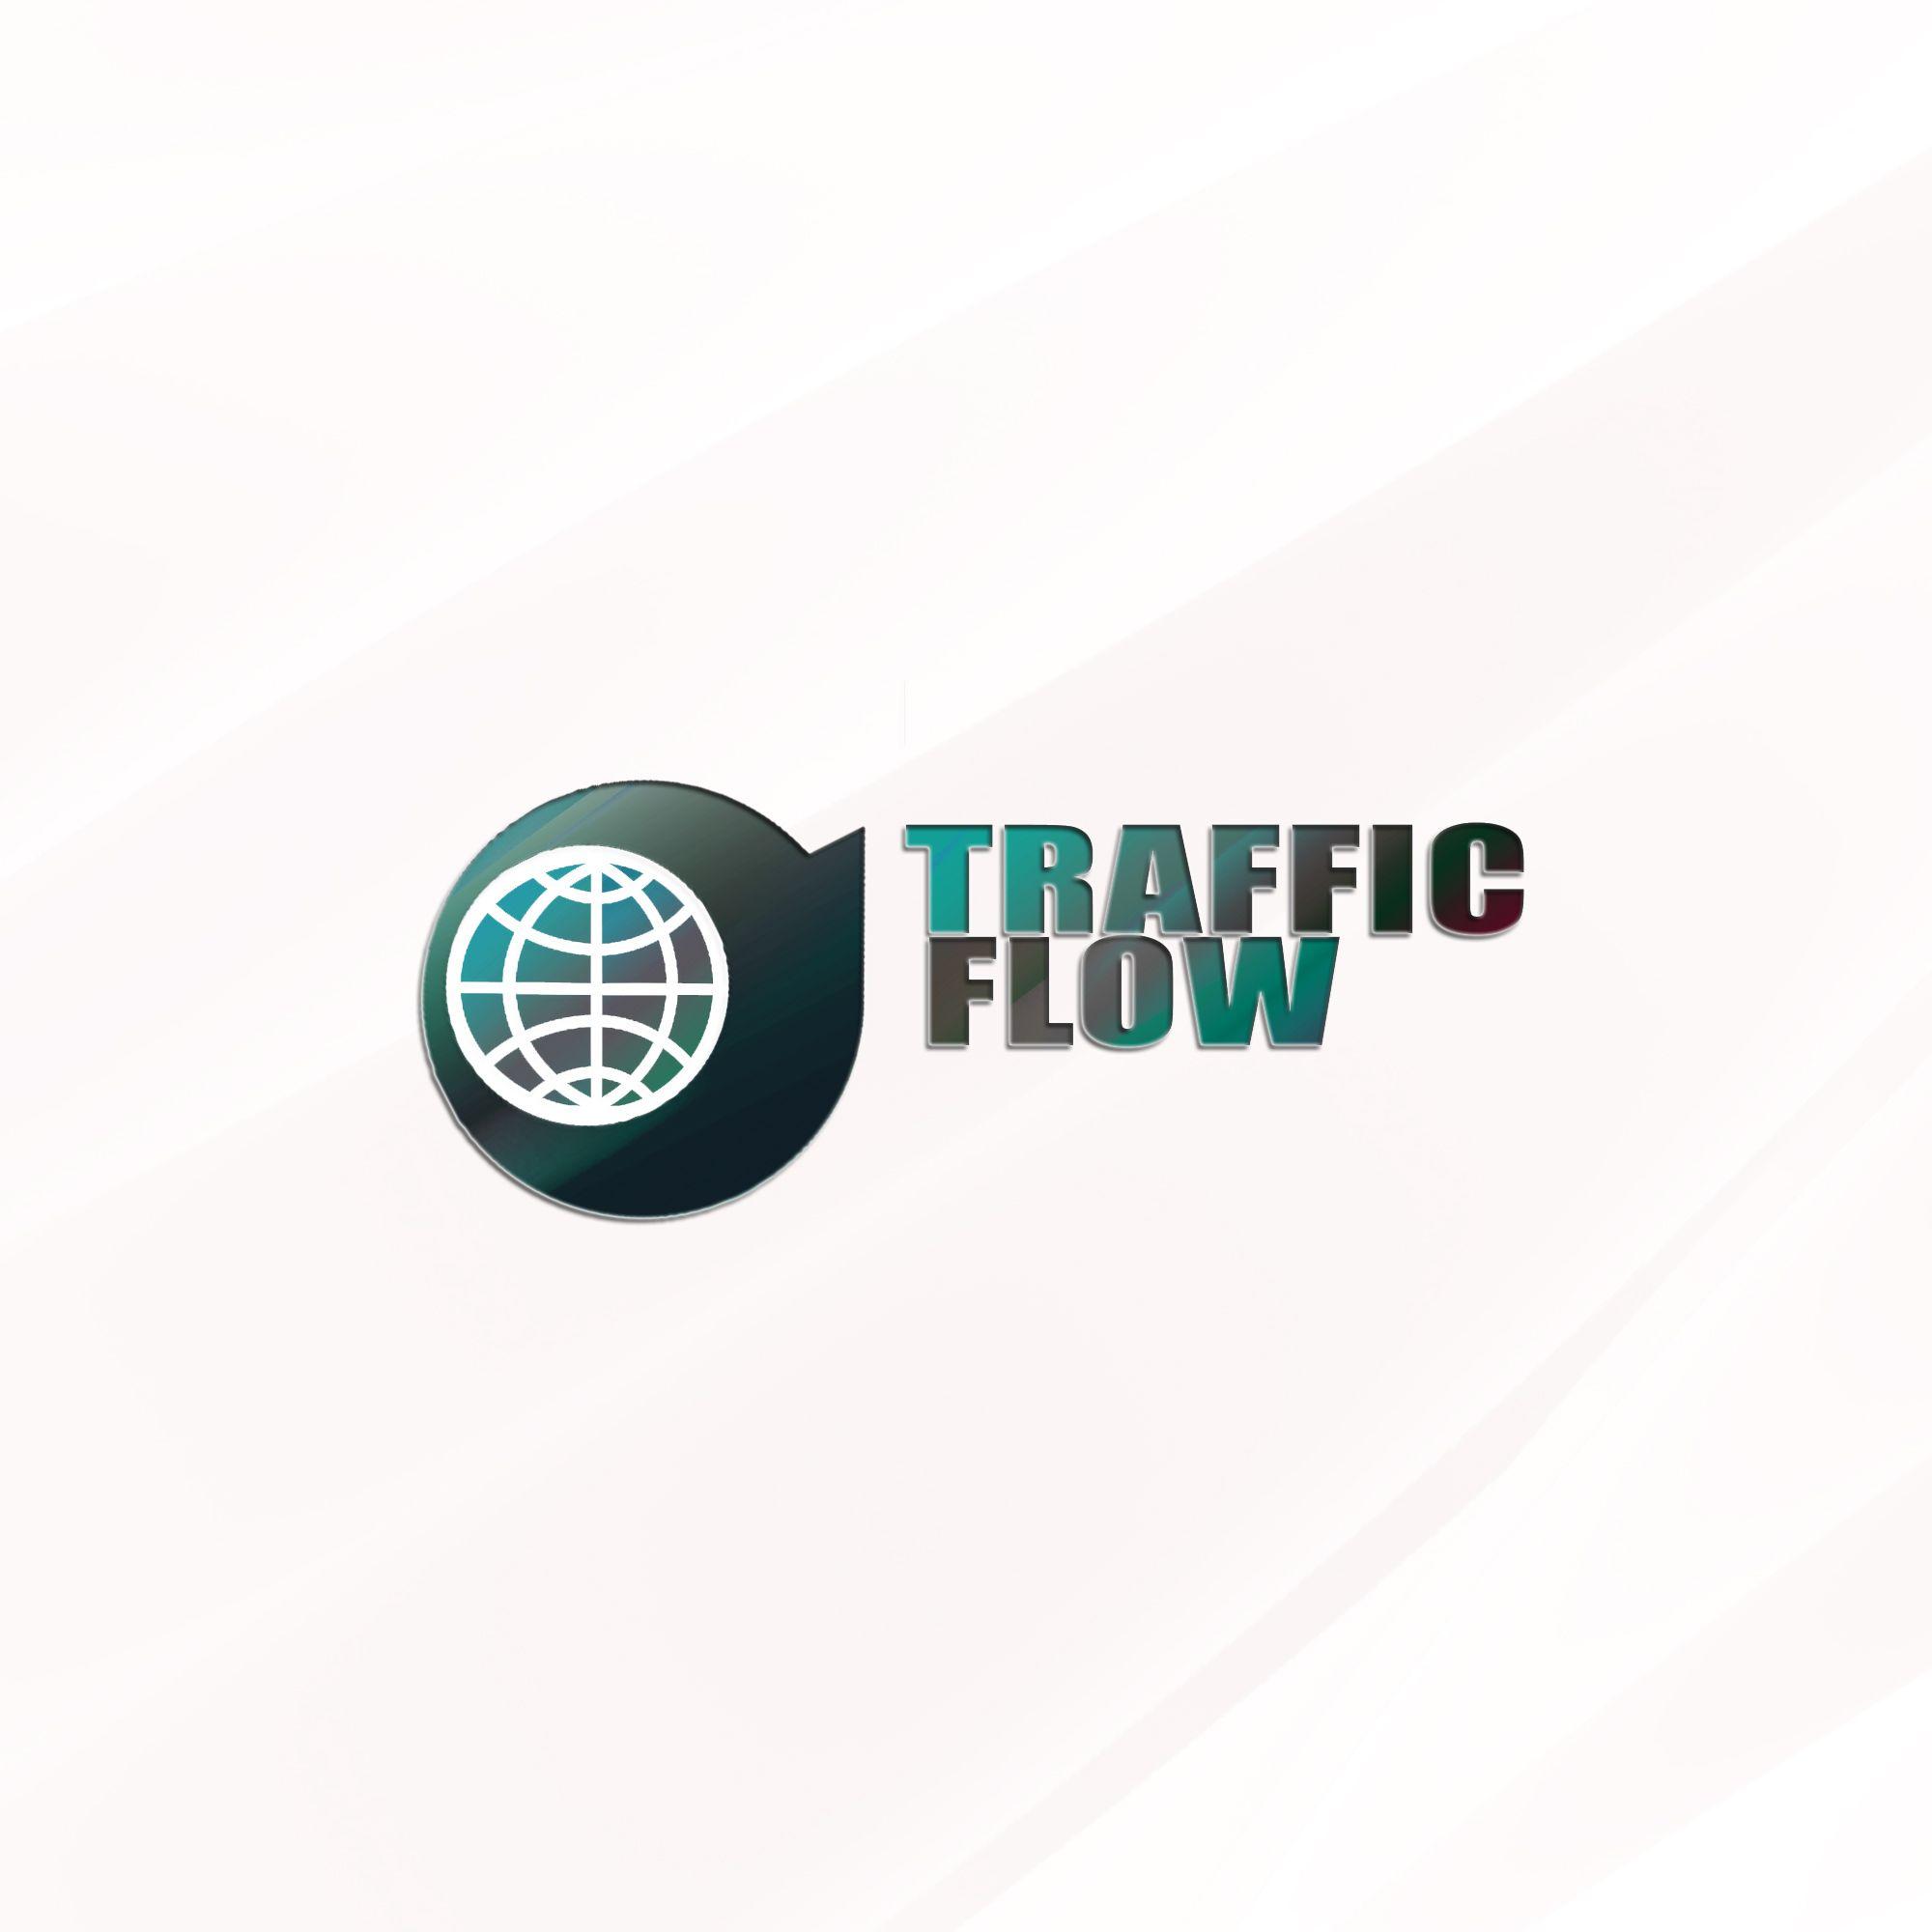 Лого и фирменный стиль для Traffic Flow - дизайнер talitattooer